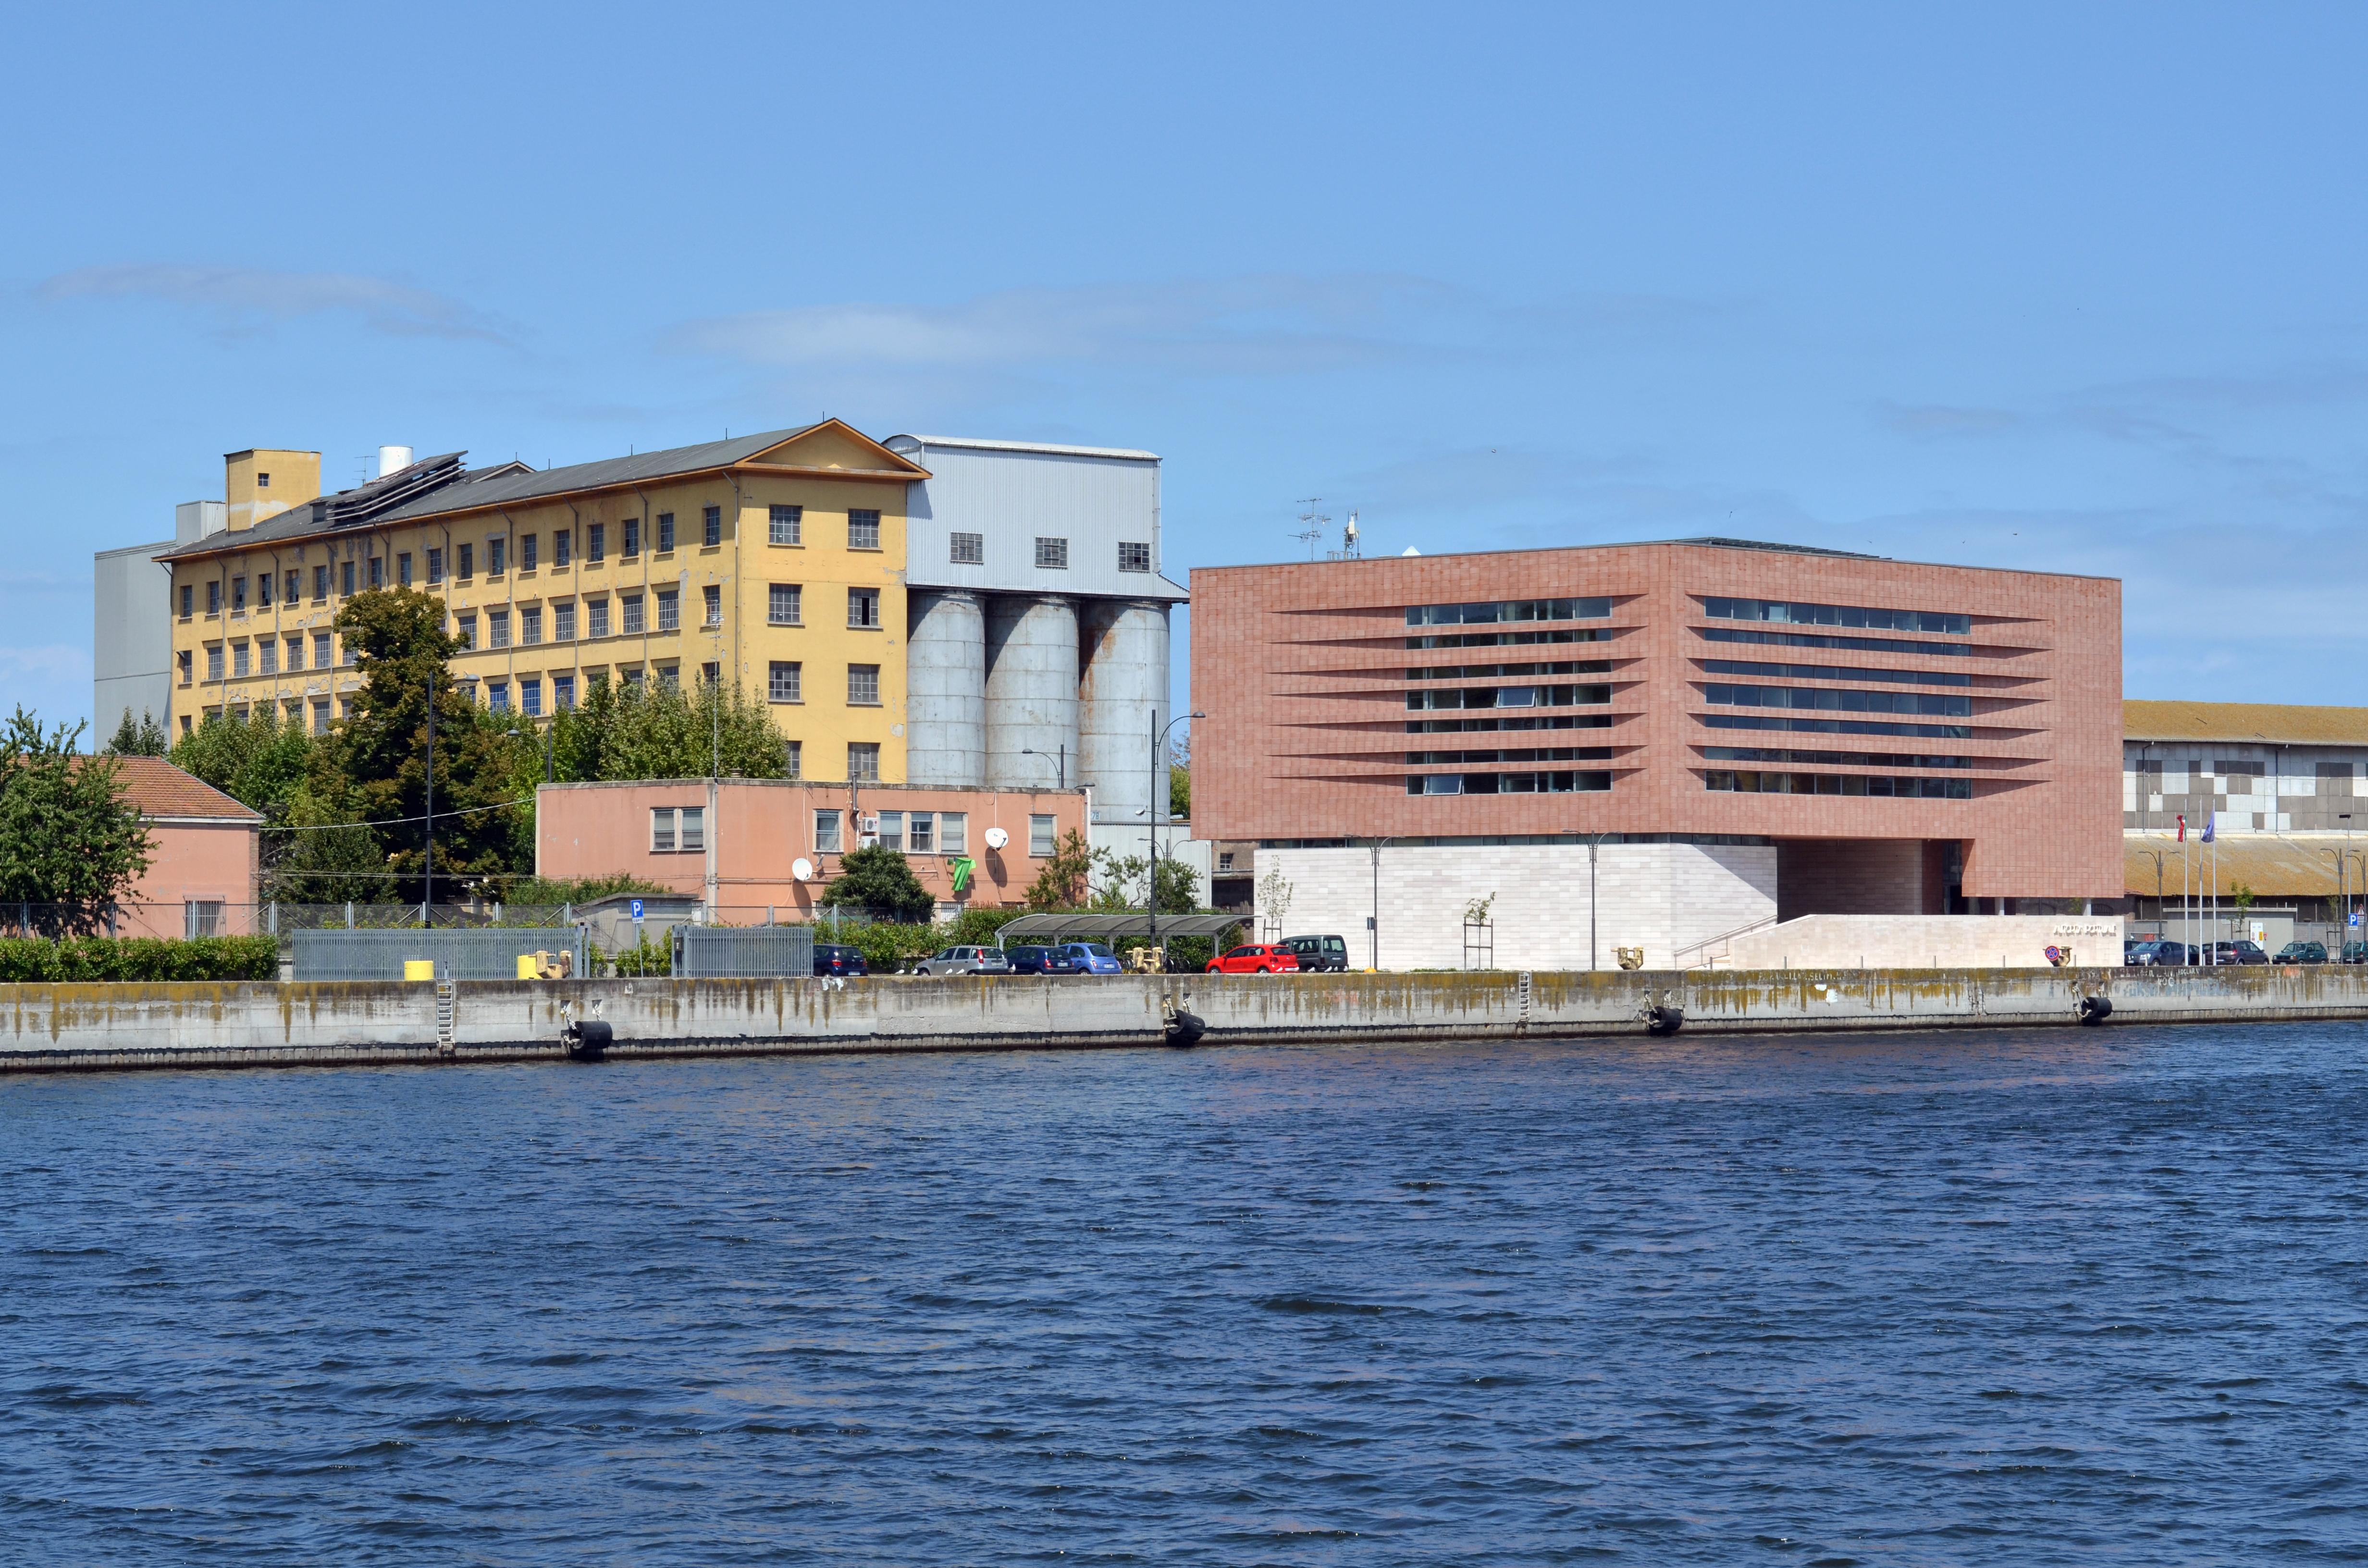 Quanto costa l 39 autorit portuale porto di ravenna for Grassello di calce quanto costa